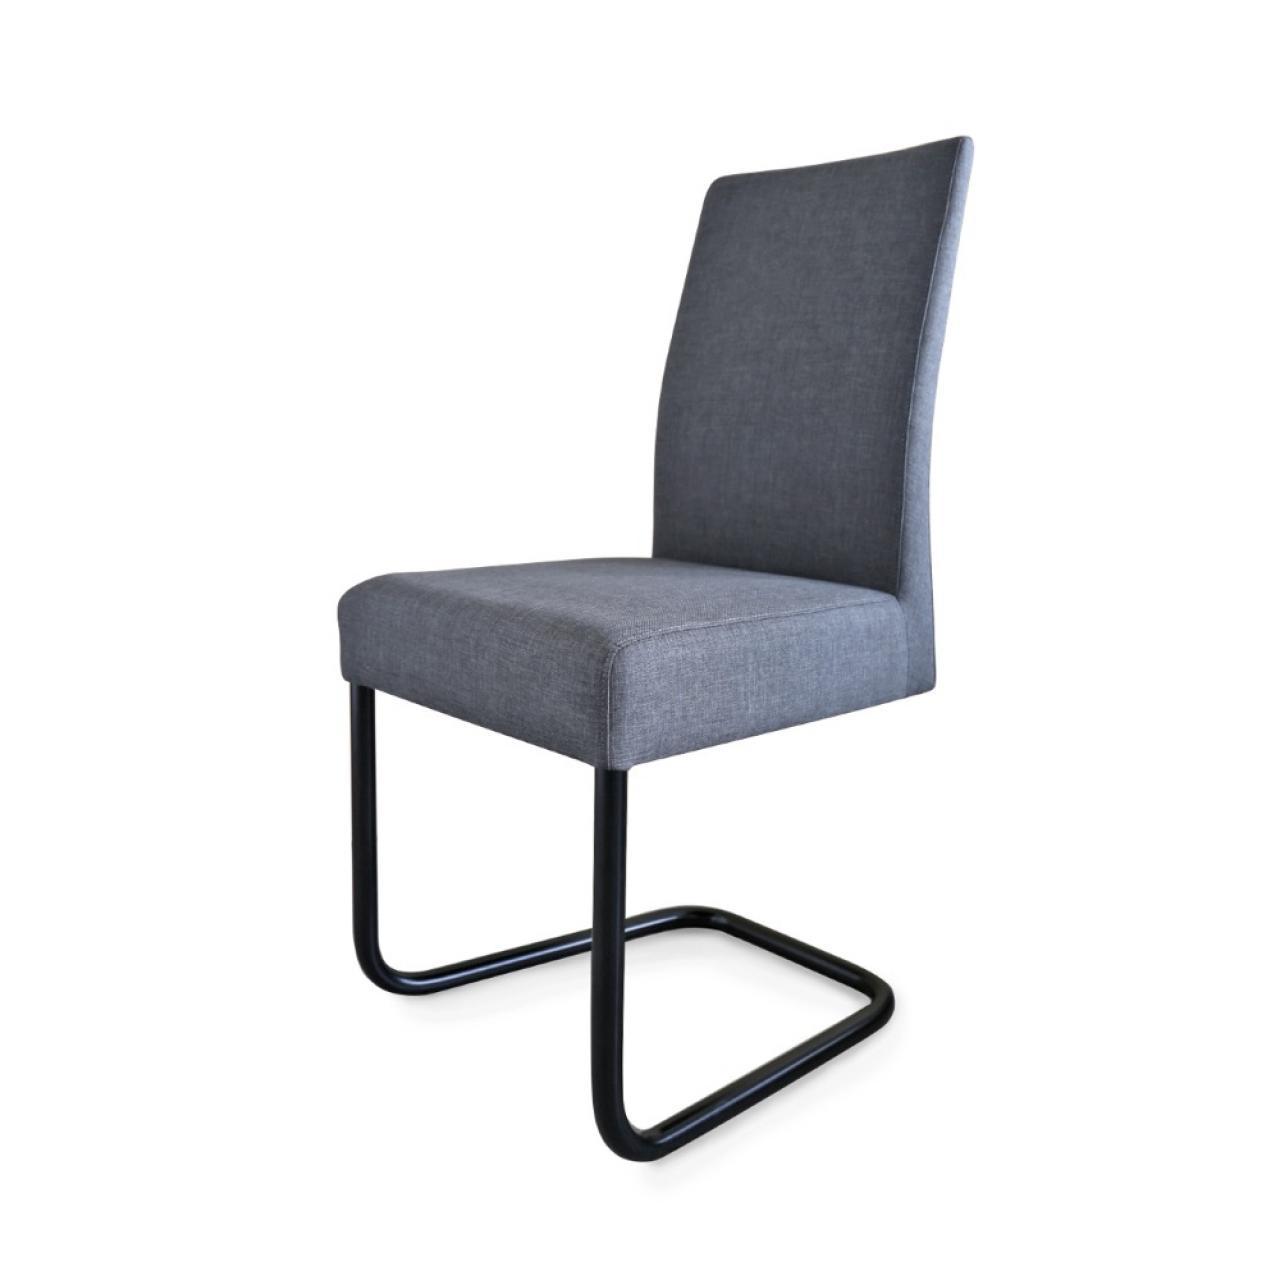 schwingstuhl kadira in anthrazit st hle hocker esszimmer wohnen m bel j hnichen center gmbh. Black Bedroom Furniture Sets. Home Design Ideas